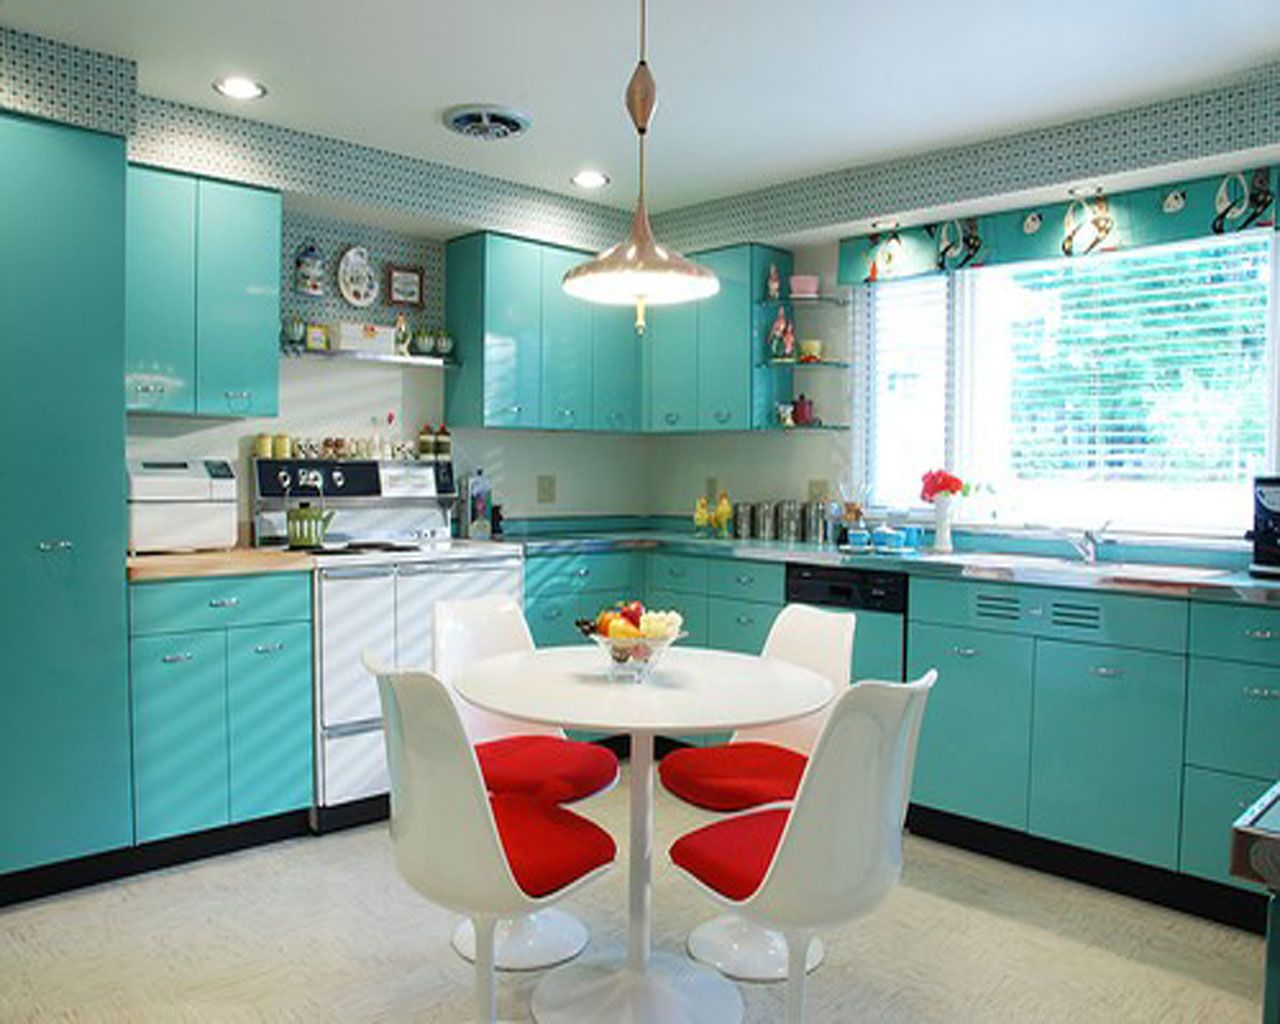 blue retro kitchen. Black Bedroom Furniture Sets. Home Design Ideas